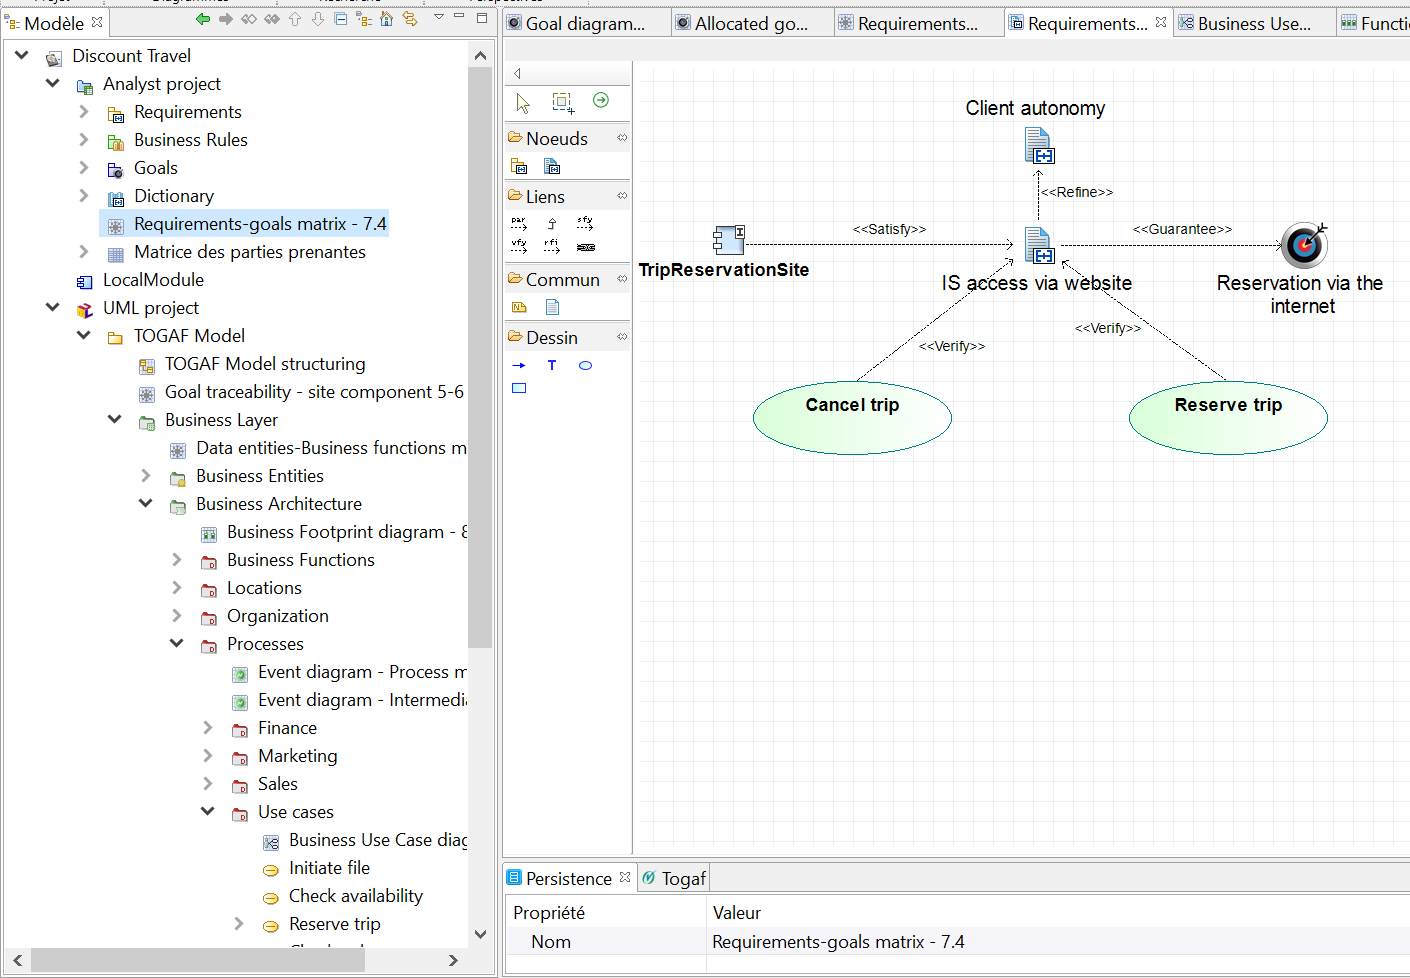 exemple-de-projet-togaf-diagramme-d-exigences-avec-differents-types-de-liens.PNG